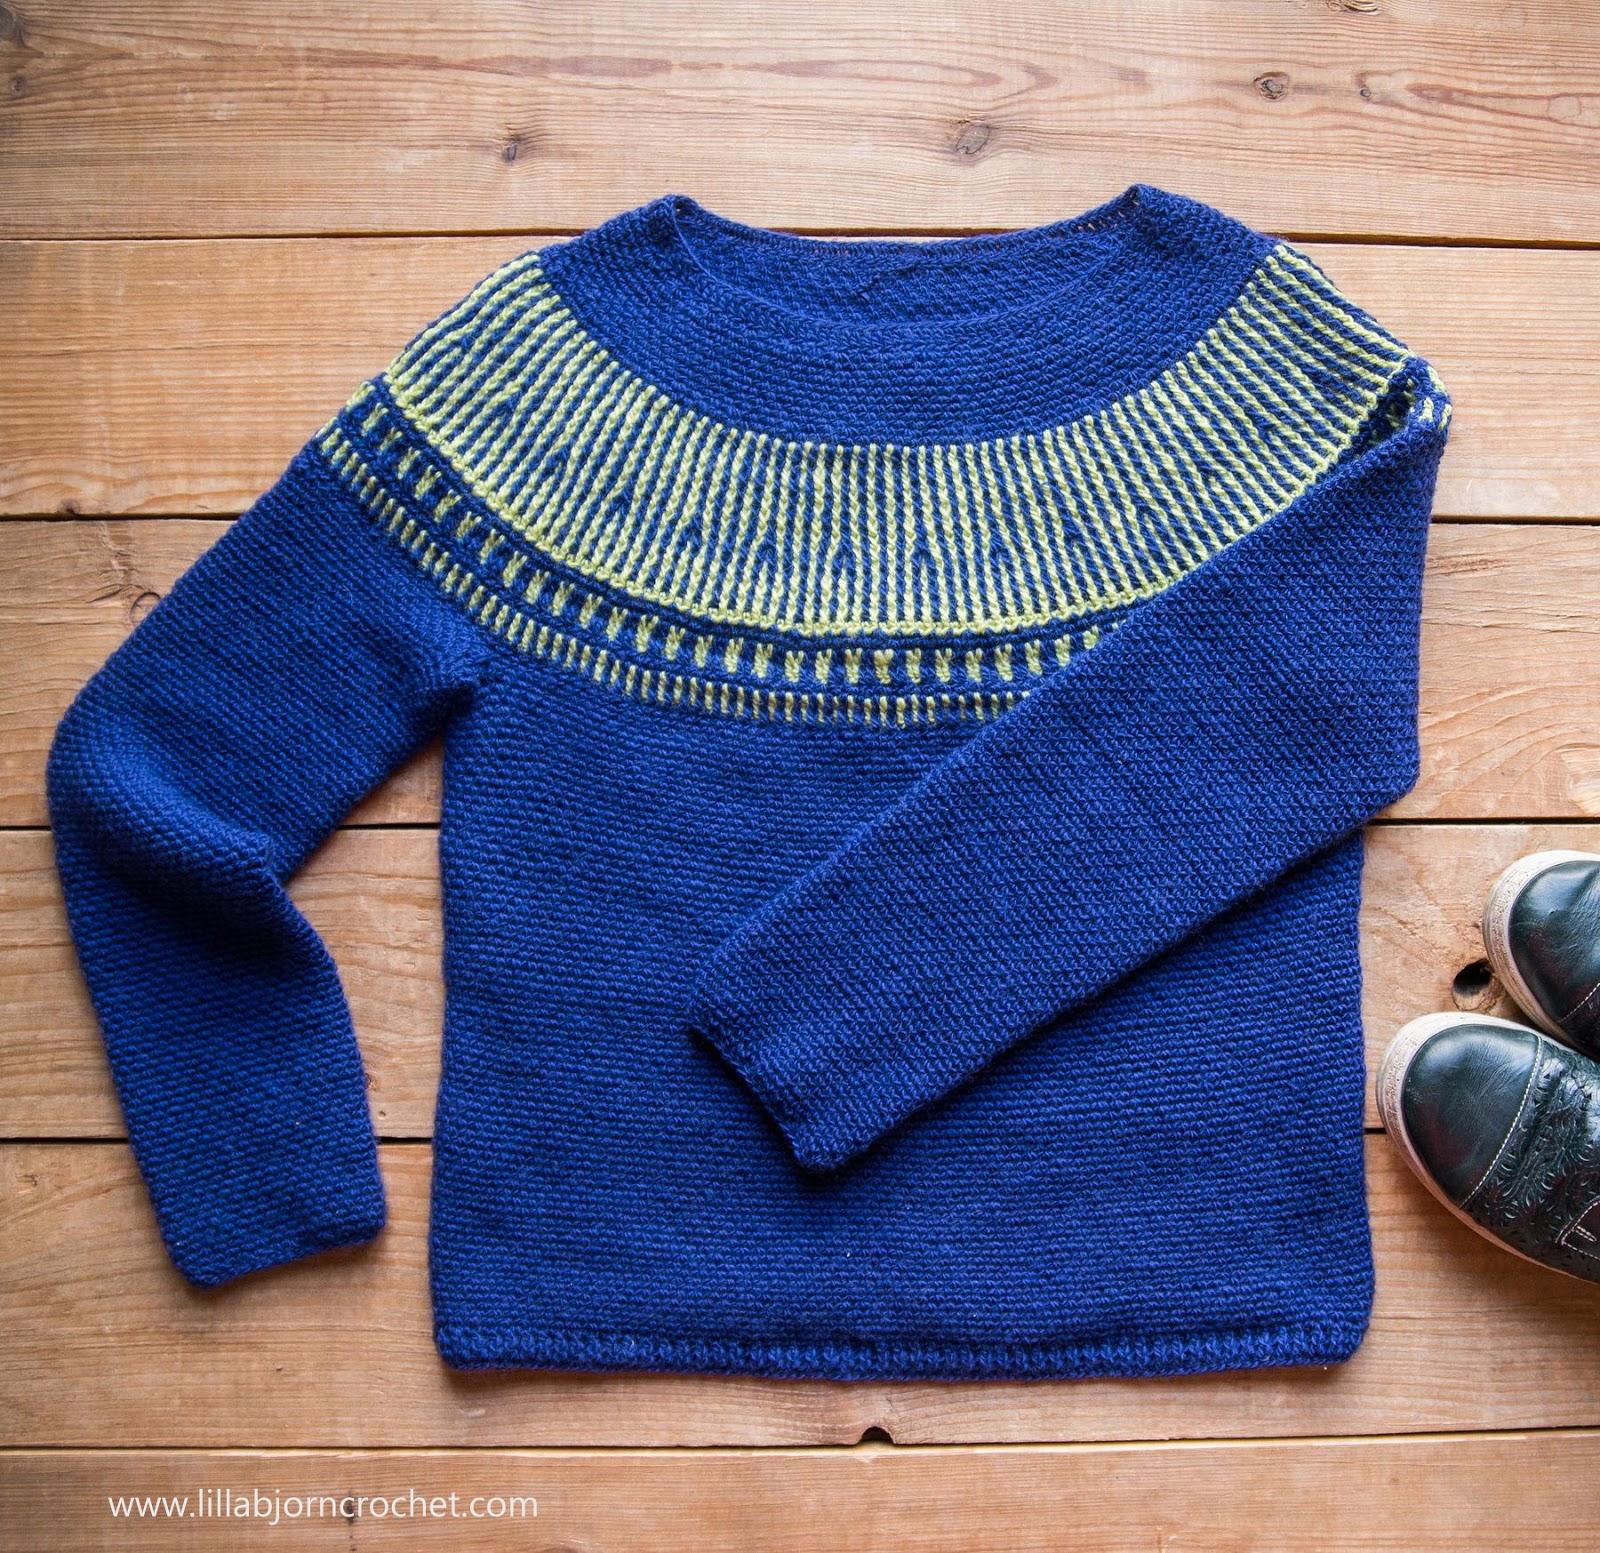 3fba10982332 Esja Sweater and Crochet Brioche  new pattern release